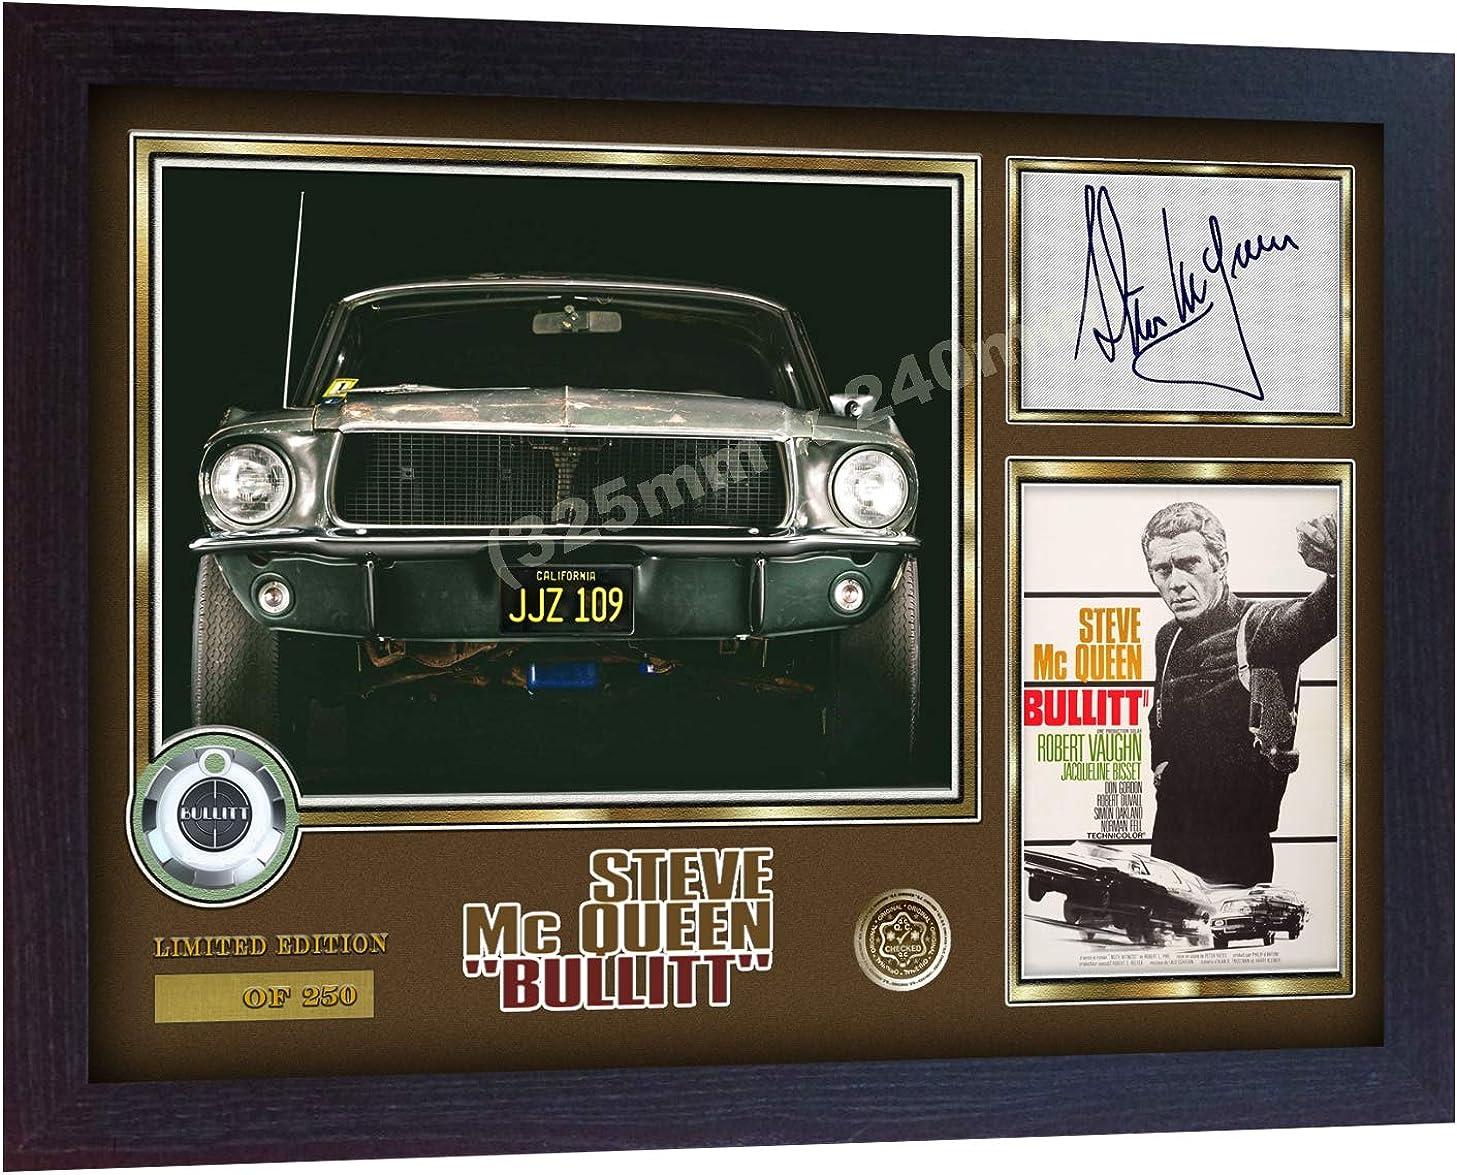 S&E DESING Steve McQueen Bullitt Signed Autographed Photo Print Poster Film DVD Framed